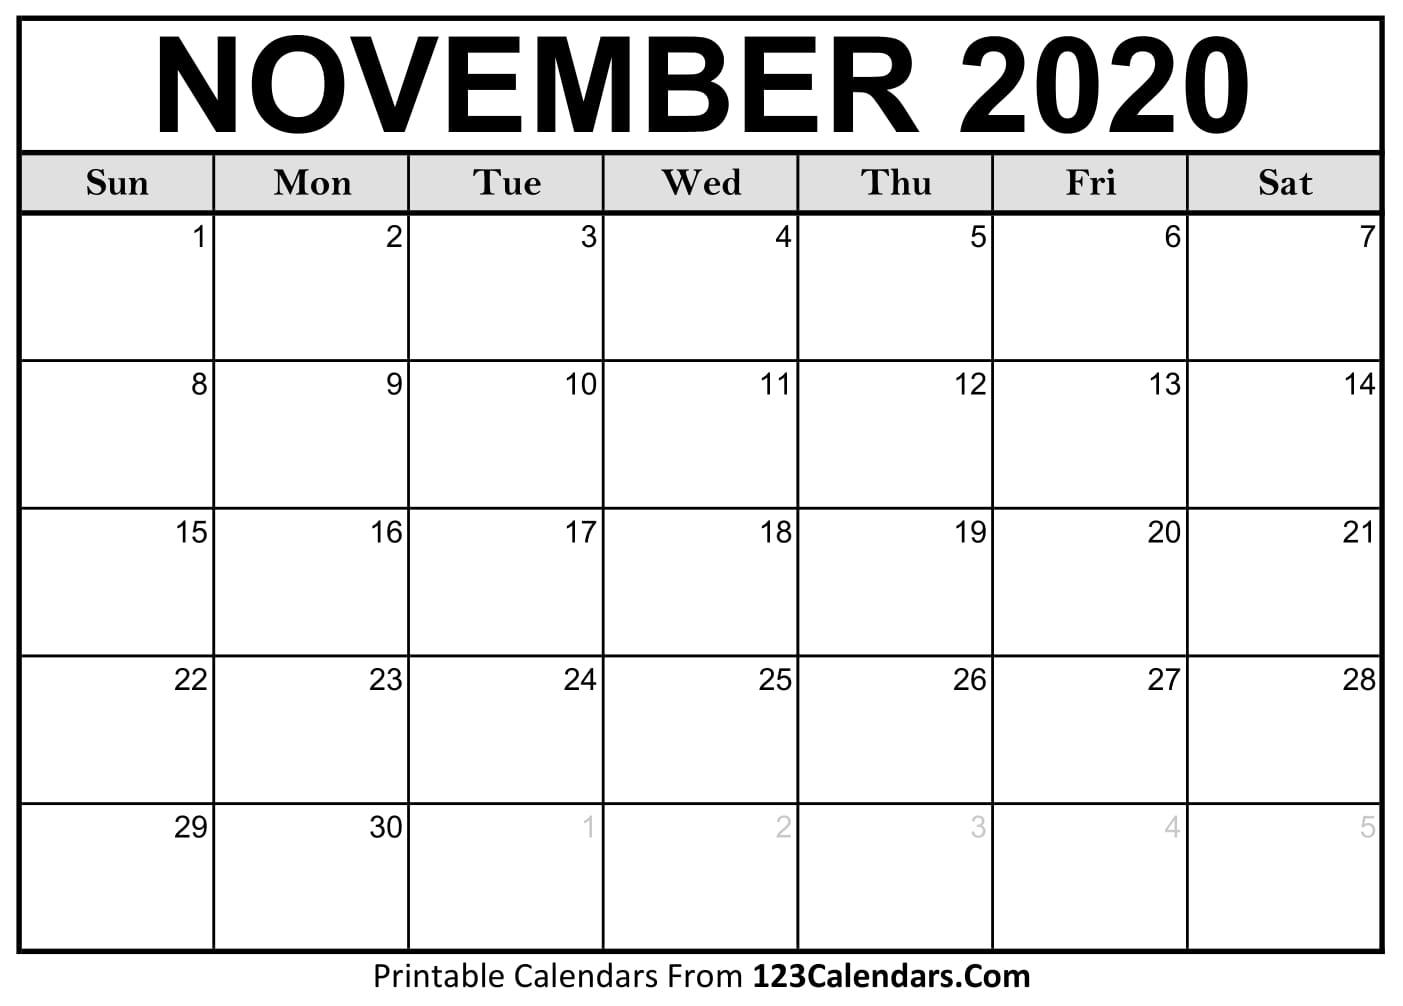 Printable November 2020 Calendar Templates | 123Calendars throughout 2020 Calendar To Fill In